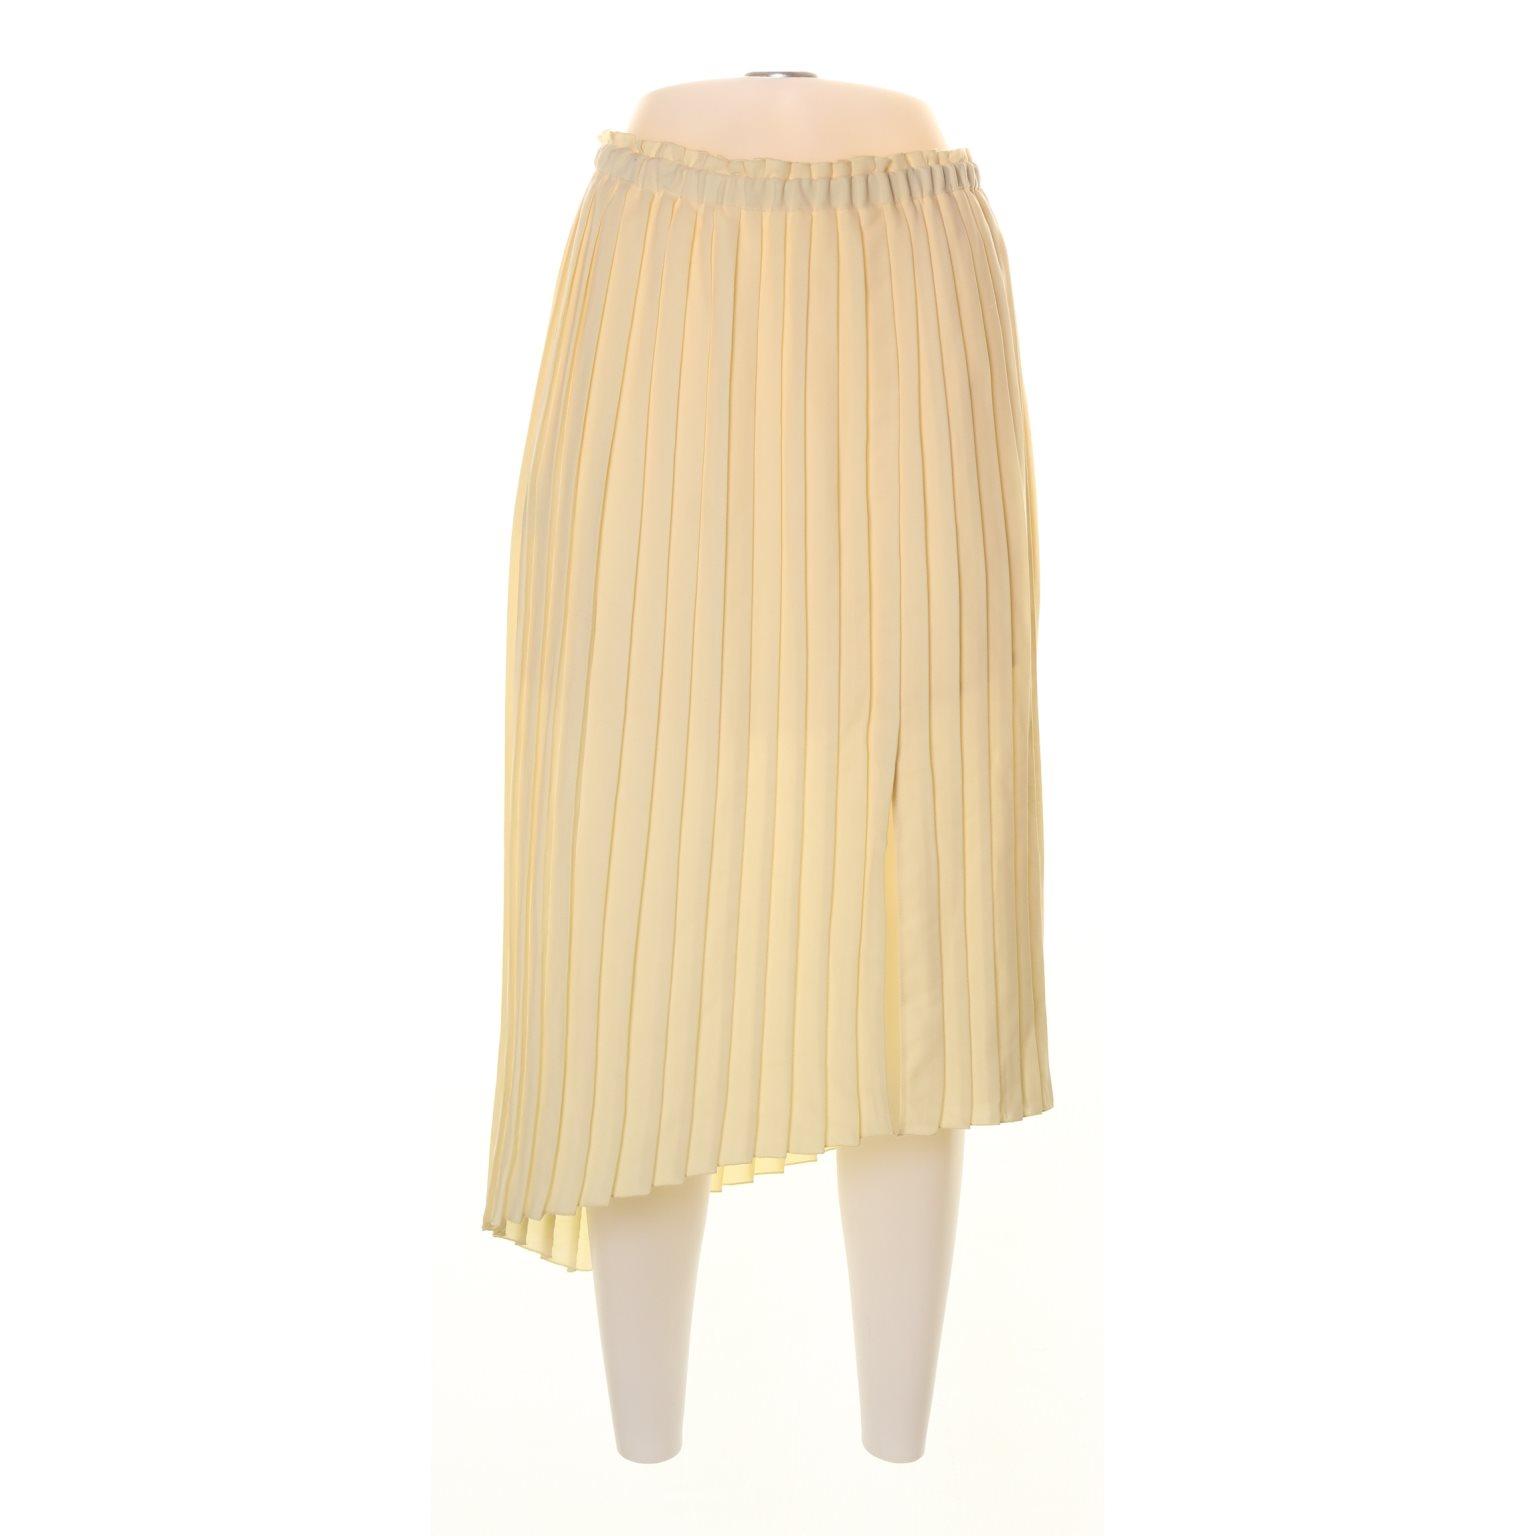 d48b4f8d5823 Mango, Plisserad kjol, Strl: 36, Gul (344916638) ᐈ Sellpy på Tradera